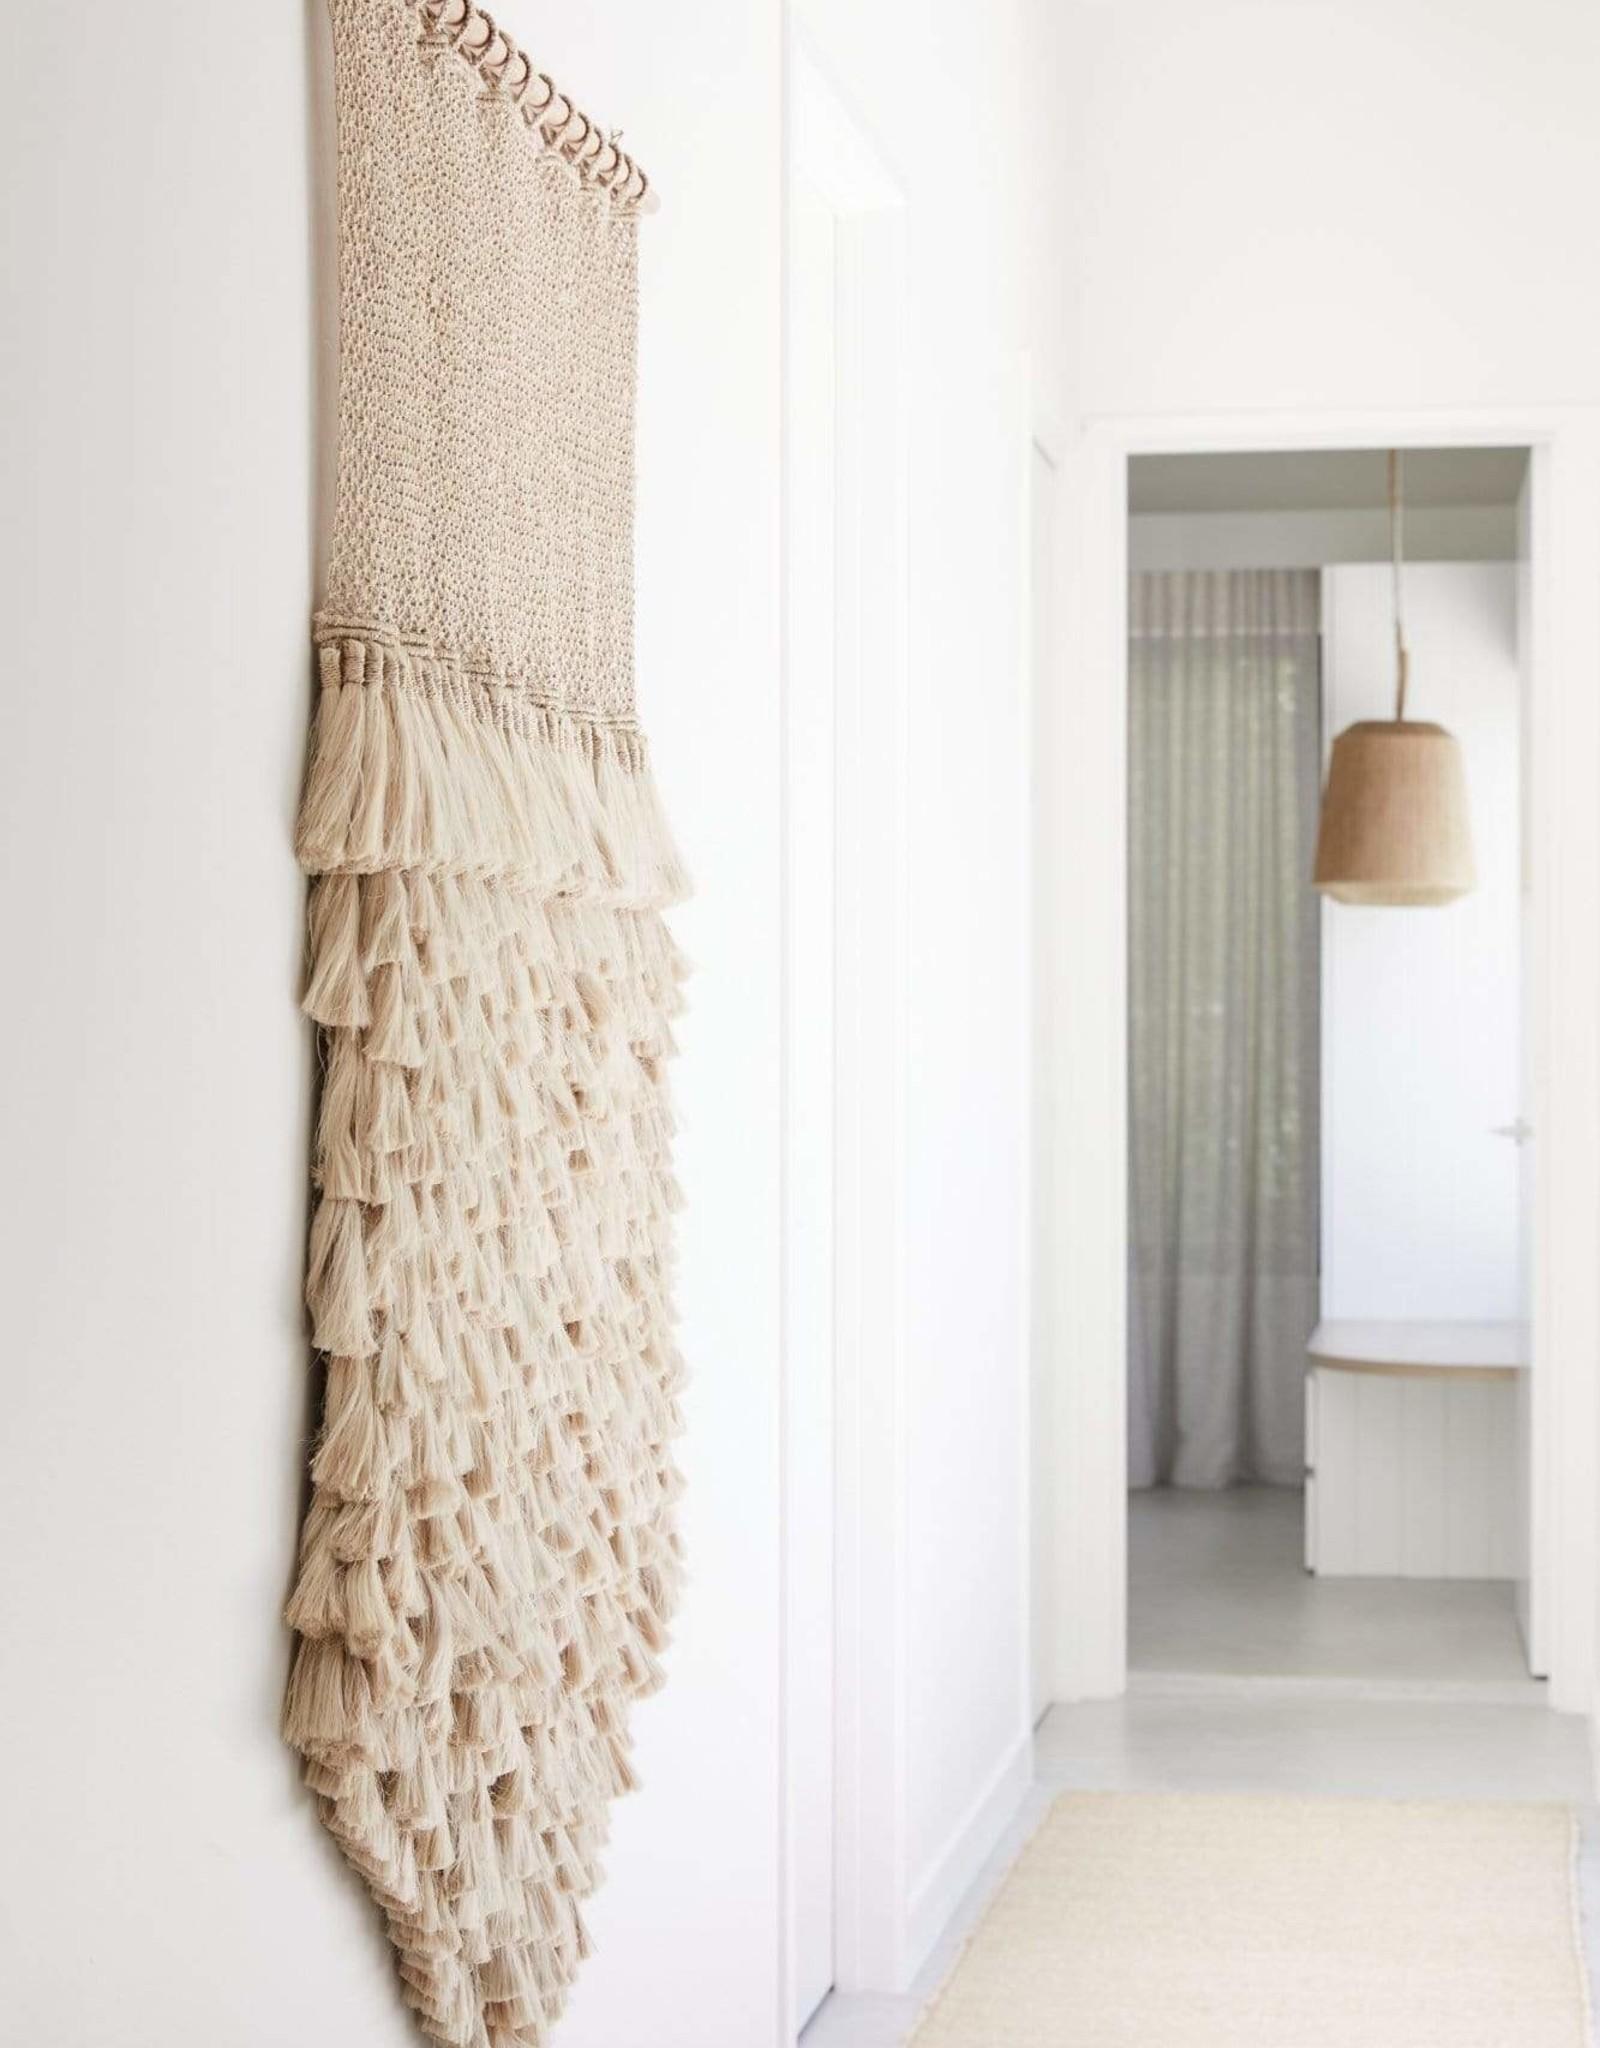 Tassel Wall Hanging - Natural